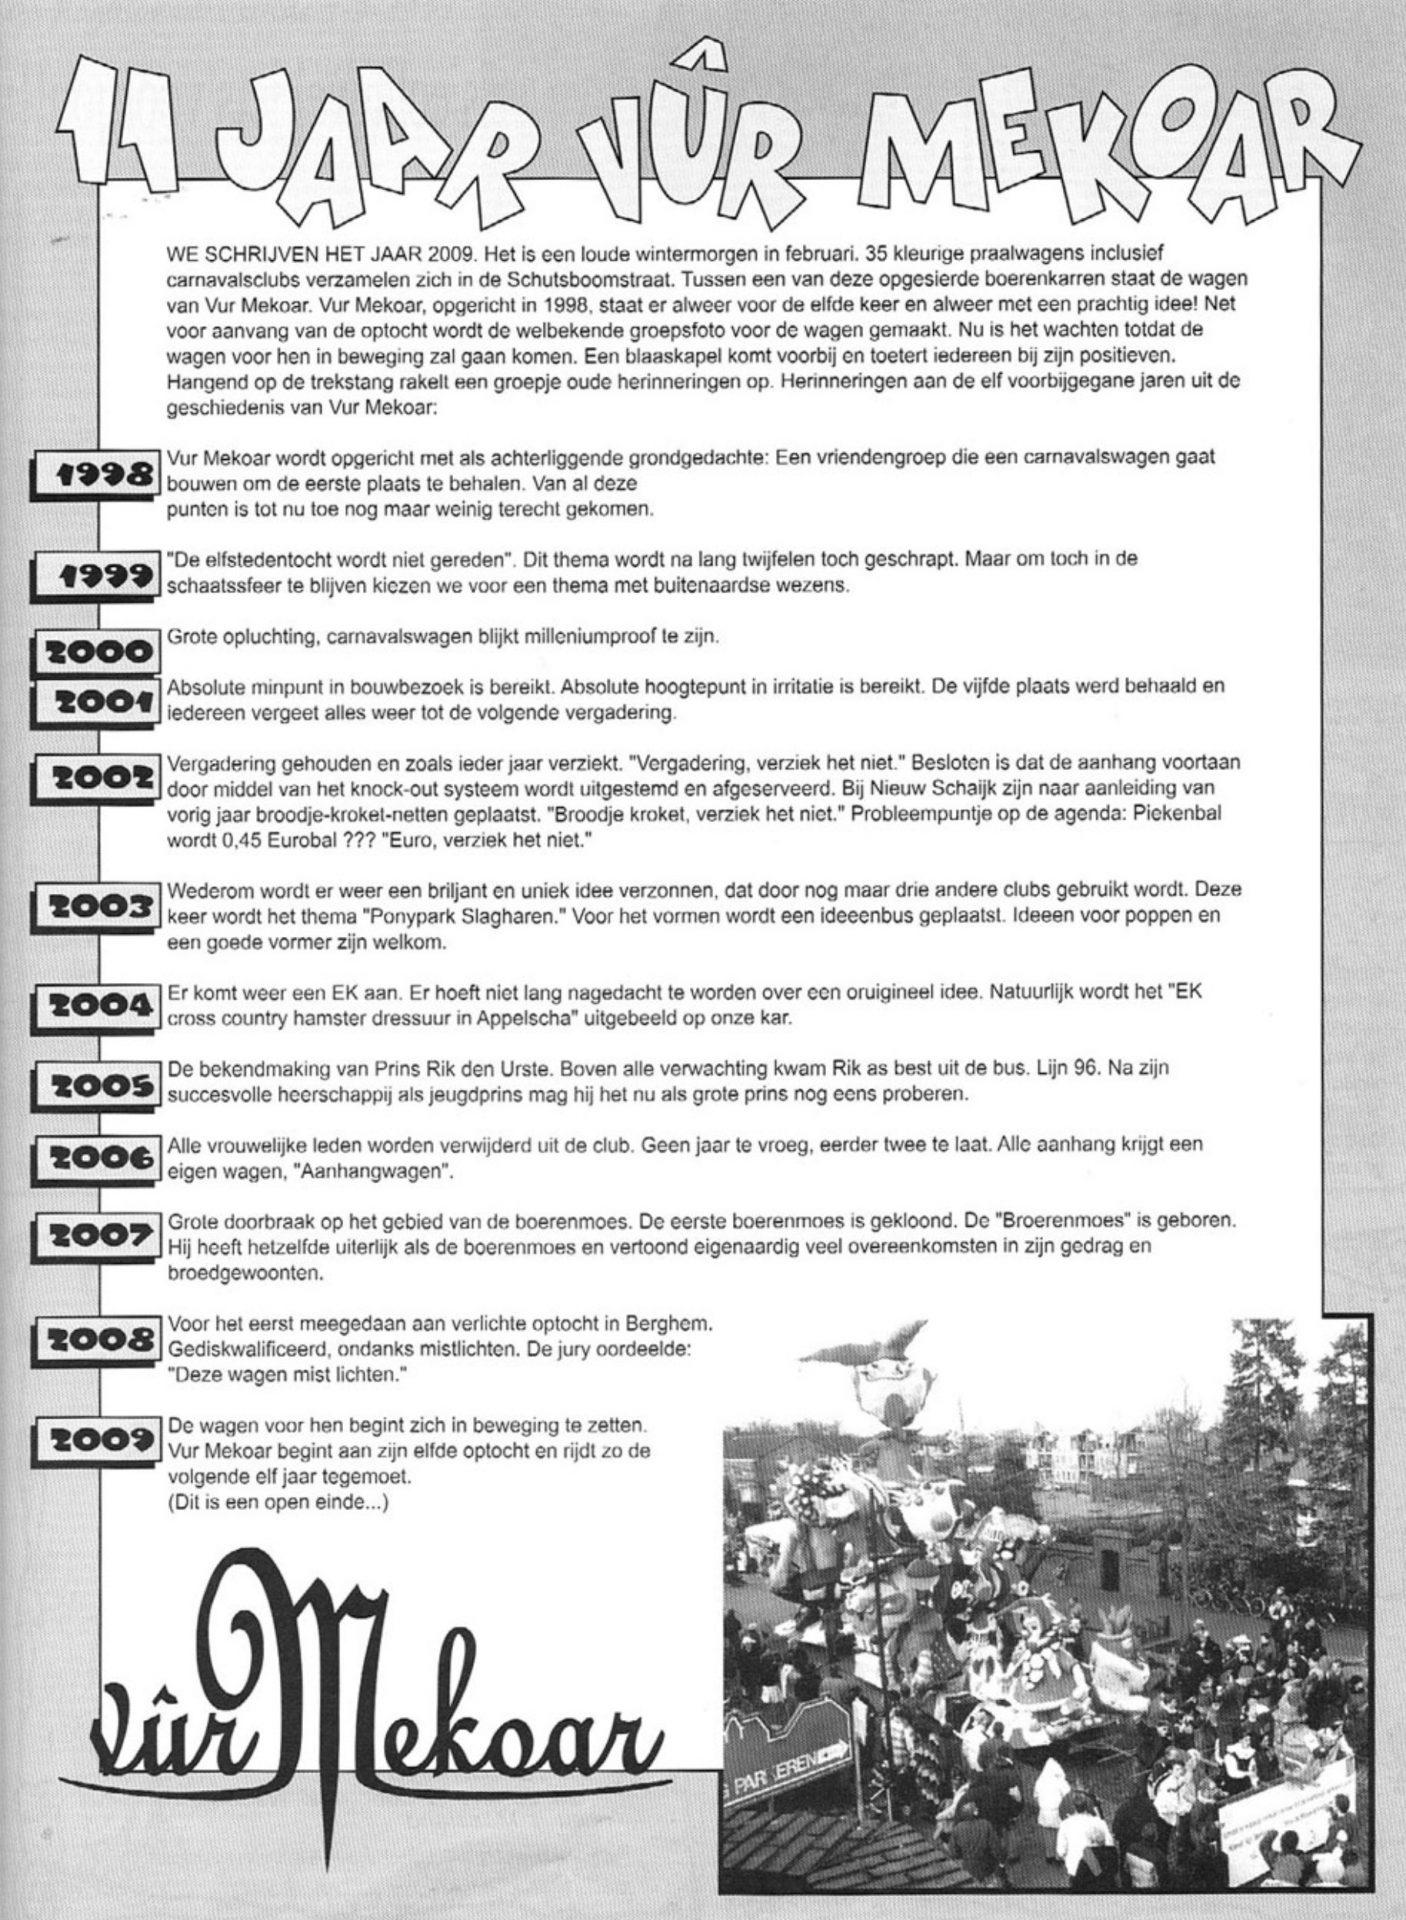 Stukje uit de carnavalskrant van Vur Mekoar - 2002